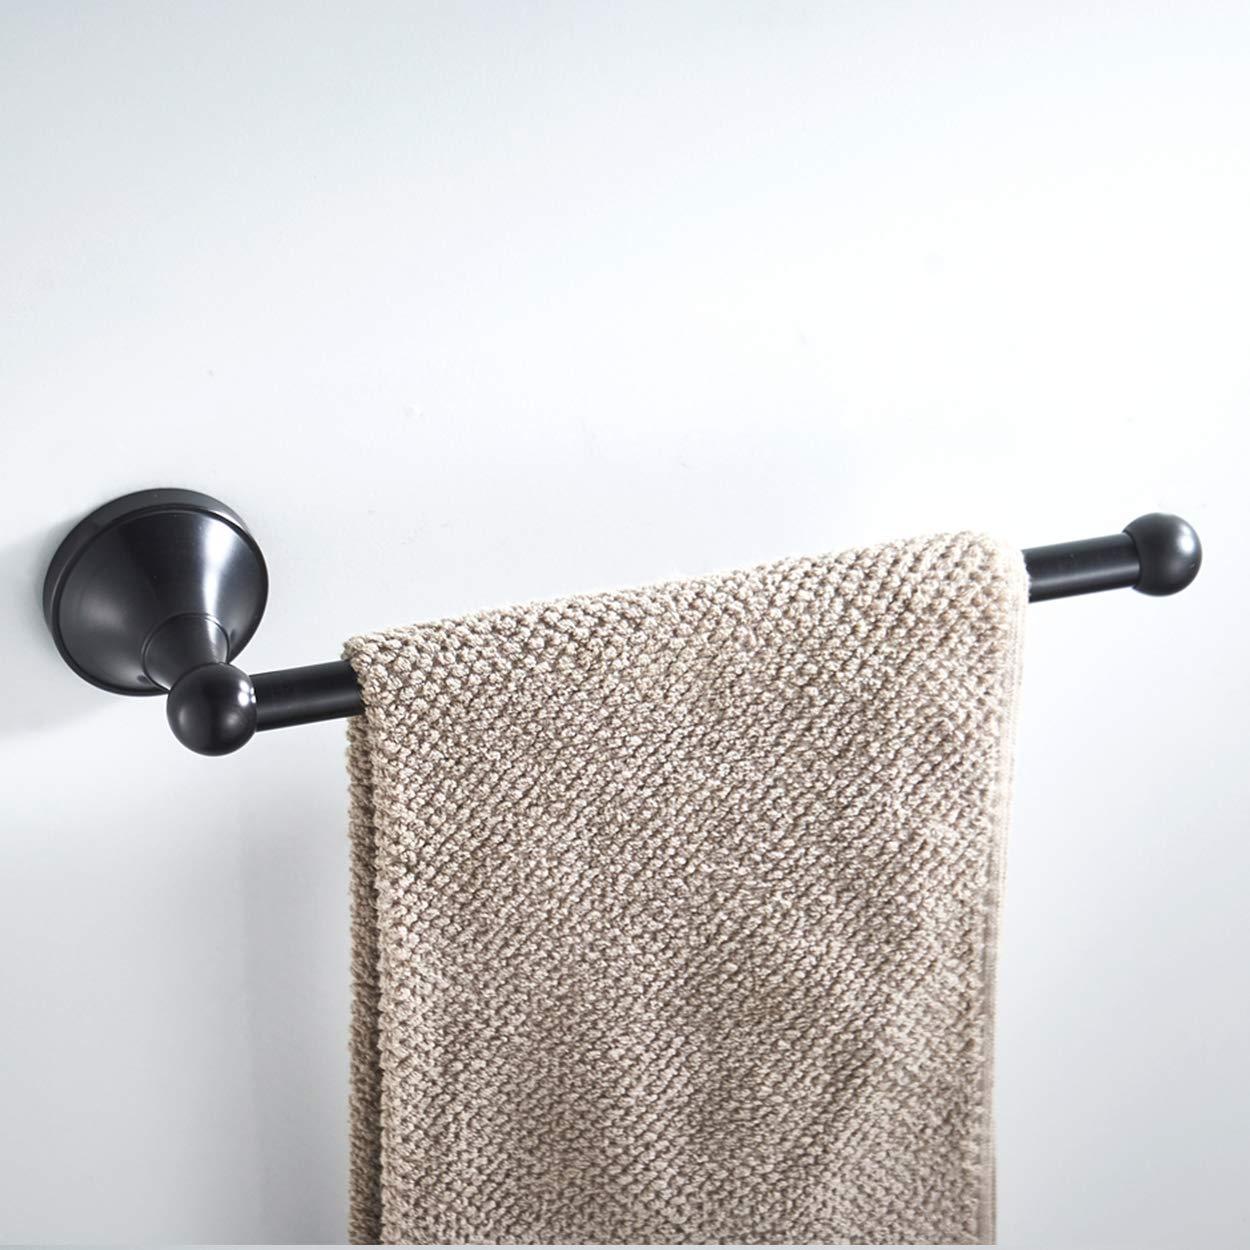 Flybath Handtuchring Antiquit/ät Messing Handtuchhalter Wandmontage Bronze geb/ürstet